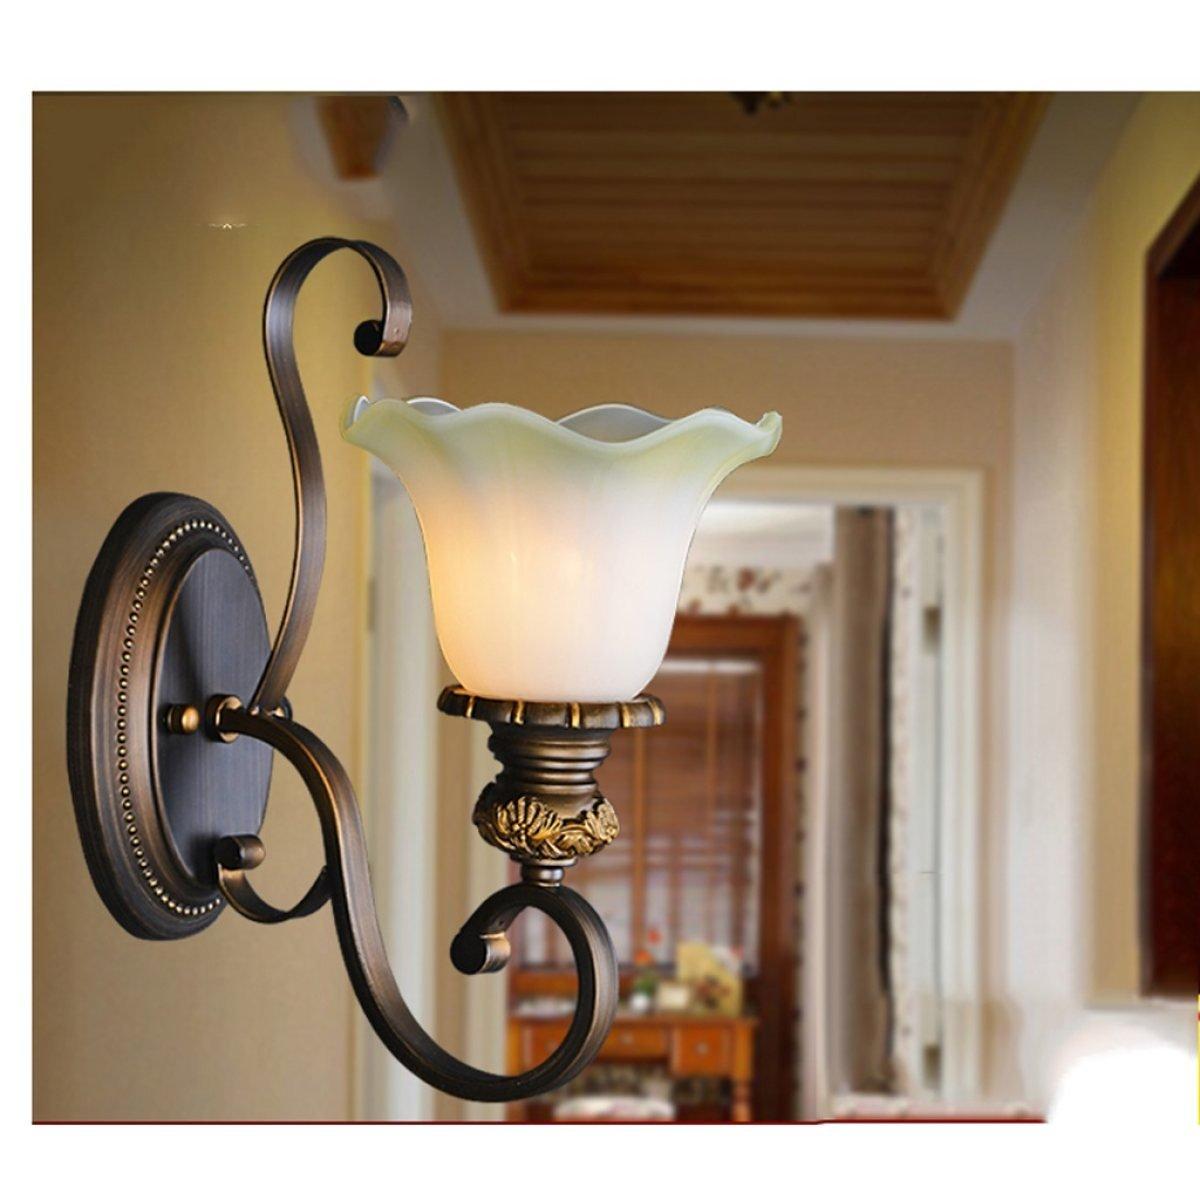 AJZGF Europäische Retro-Wandleuchte Wohnzimmer Schlafzimmer Nachttischlampe Treppenlichter Ganglichter Flurbeleuchtung